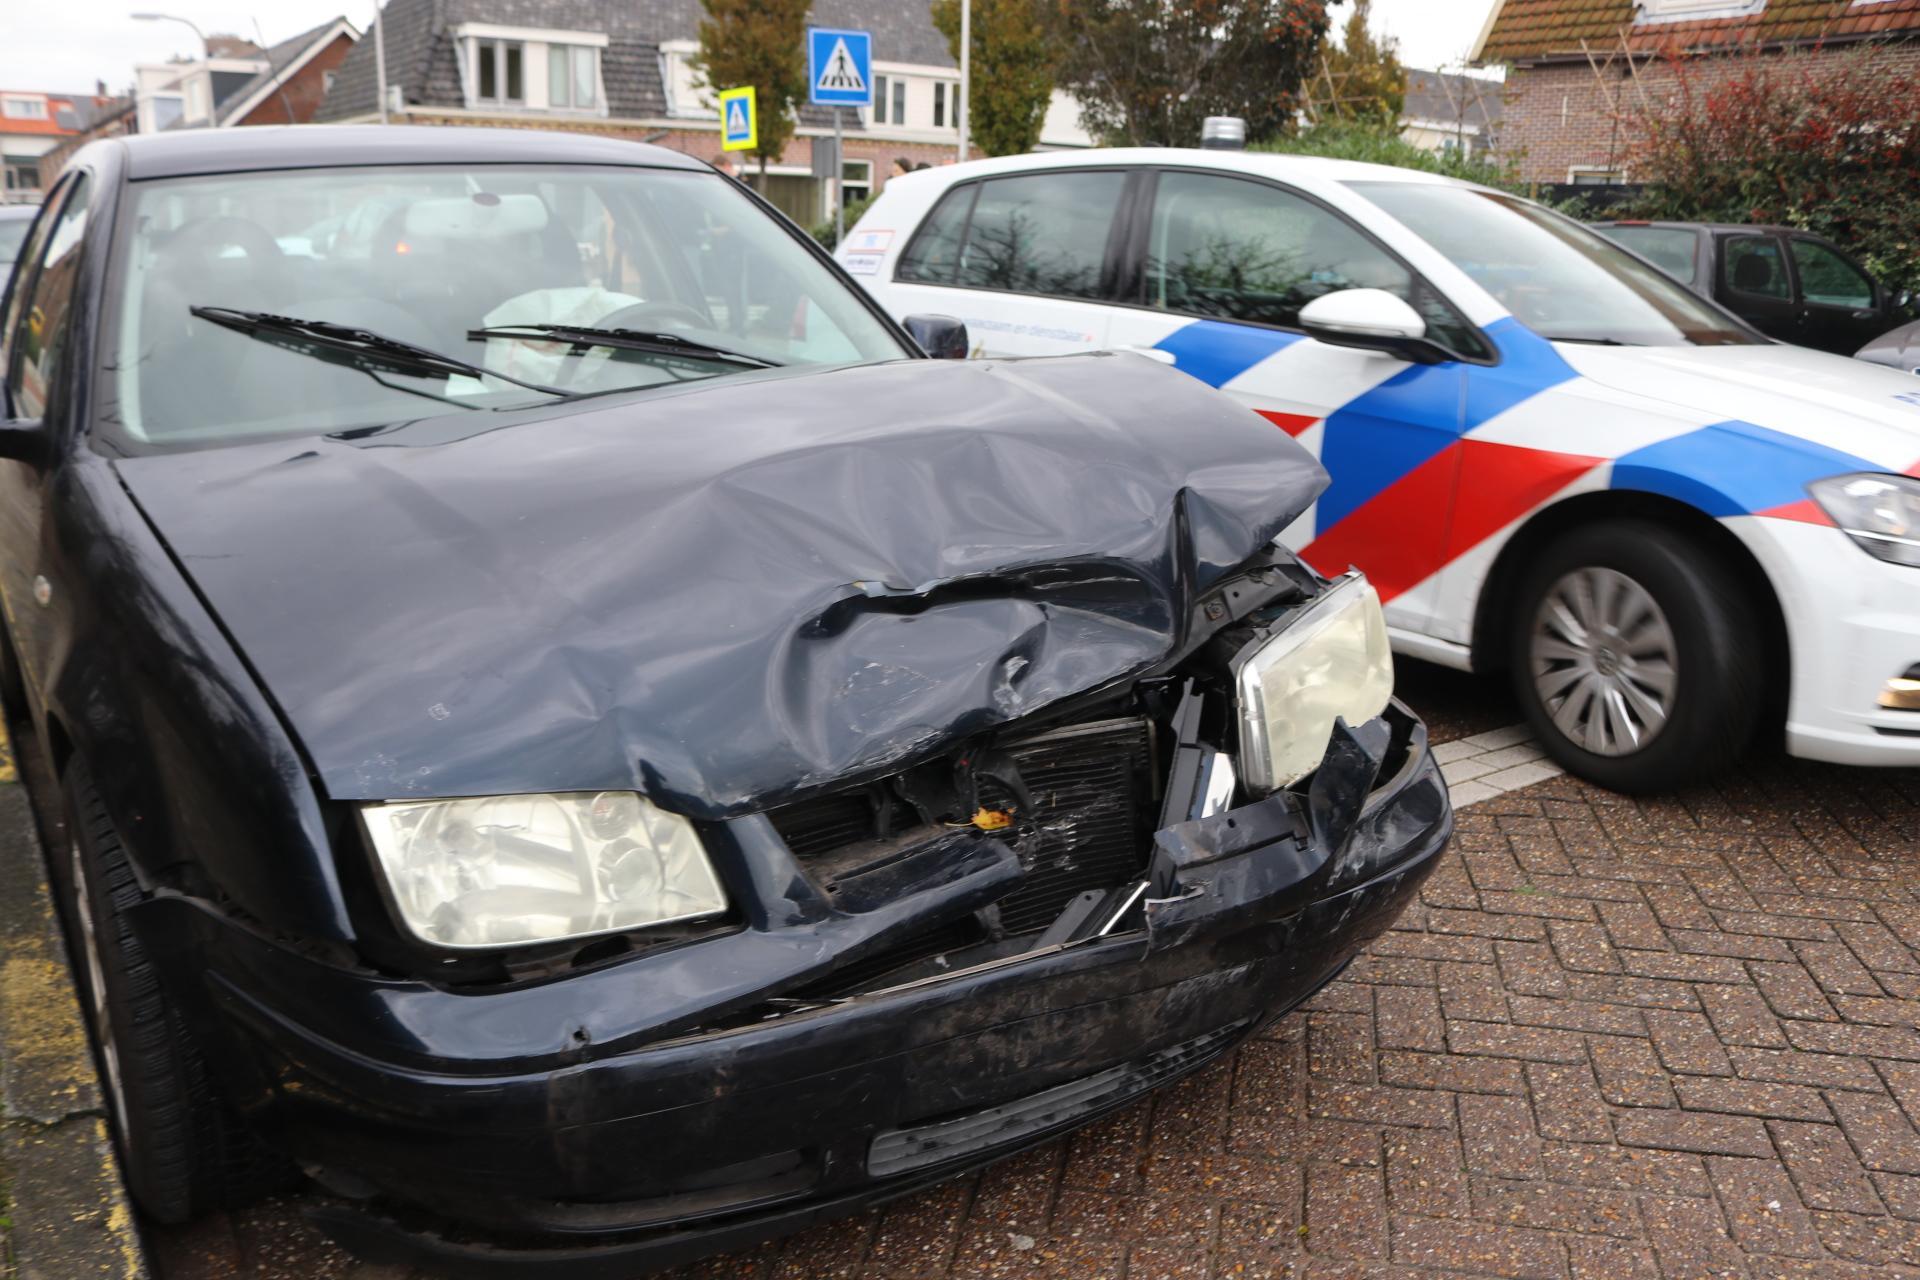 Verkeerschaos in Rijnsburg na botsing tussen twee auto's [update]